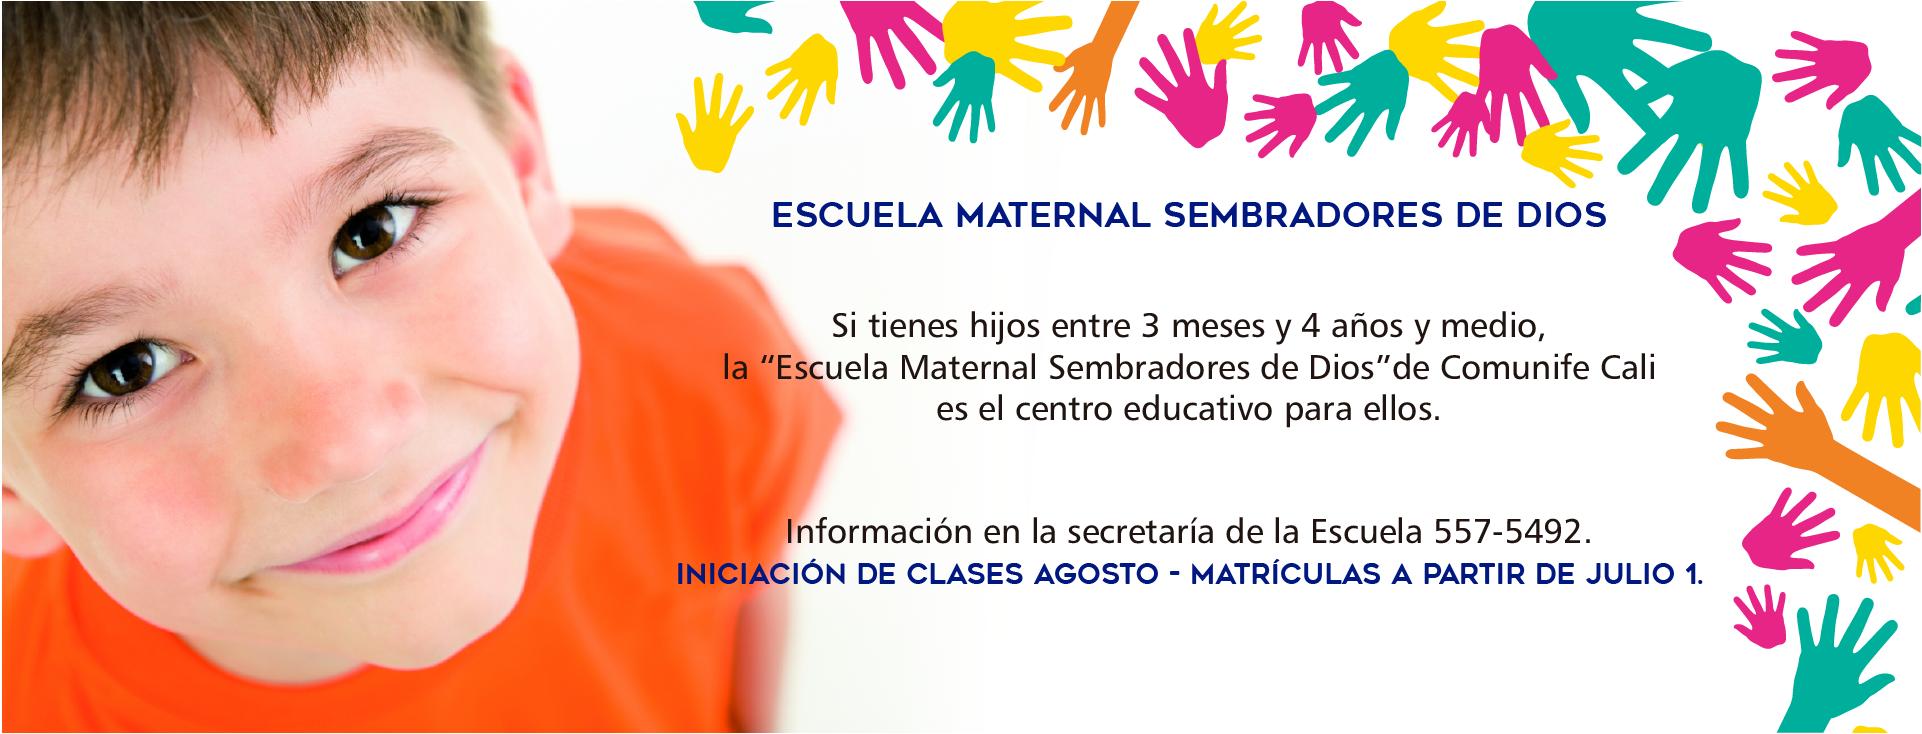 2.-Escuela-Maternal-Sembradores-de-Dios